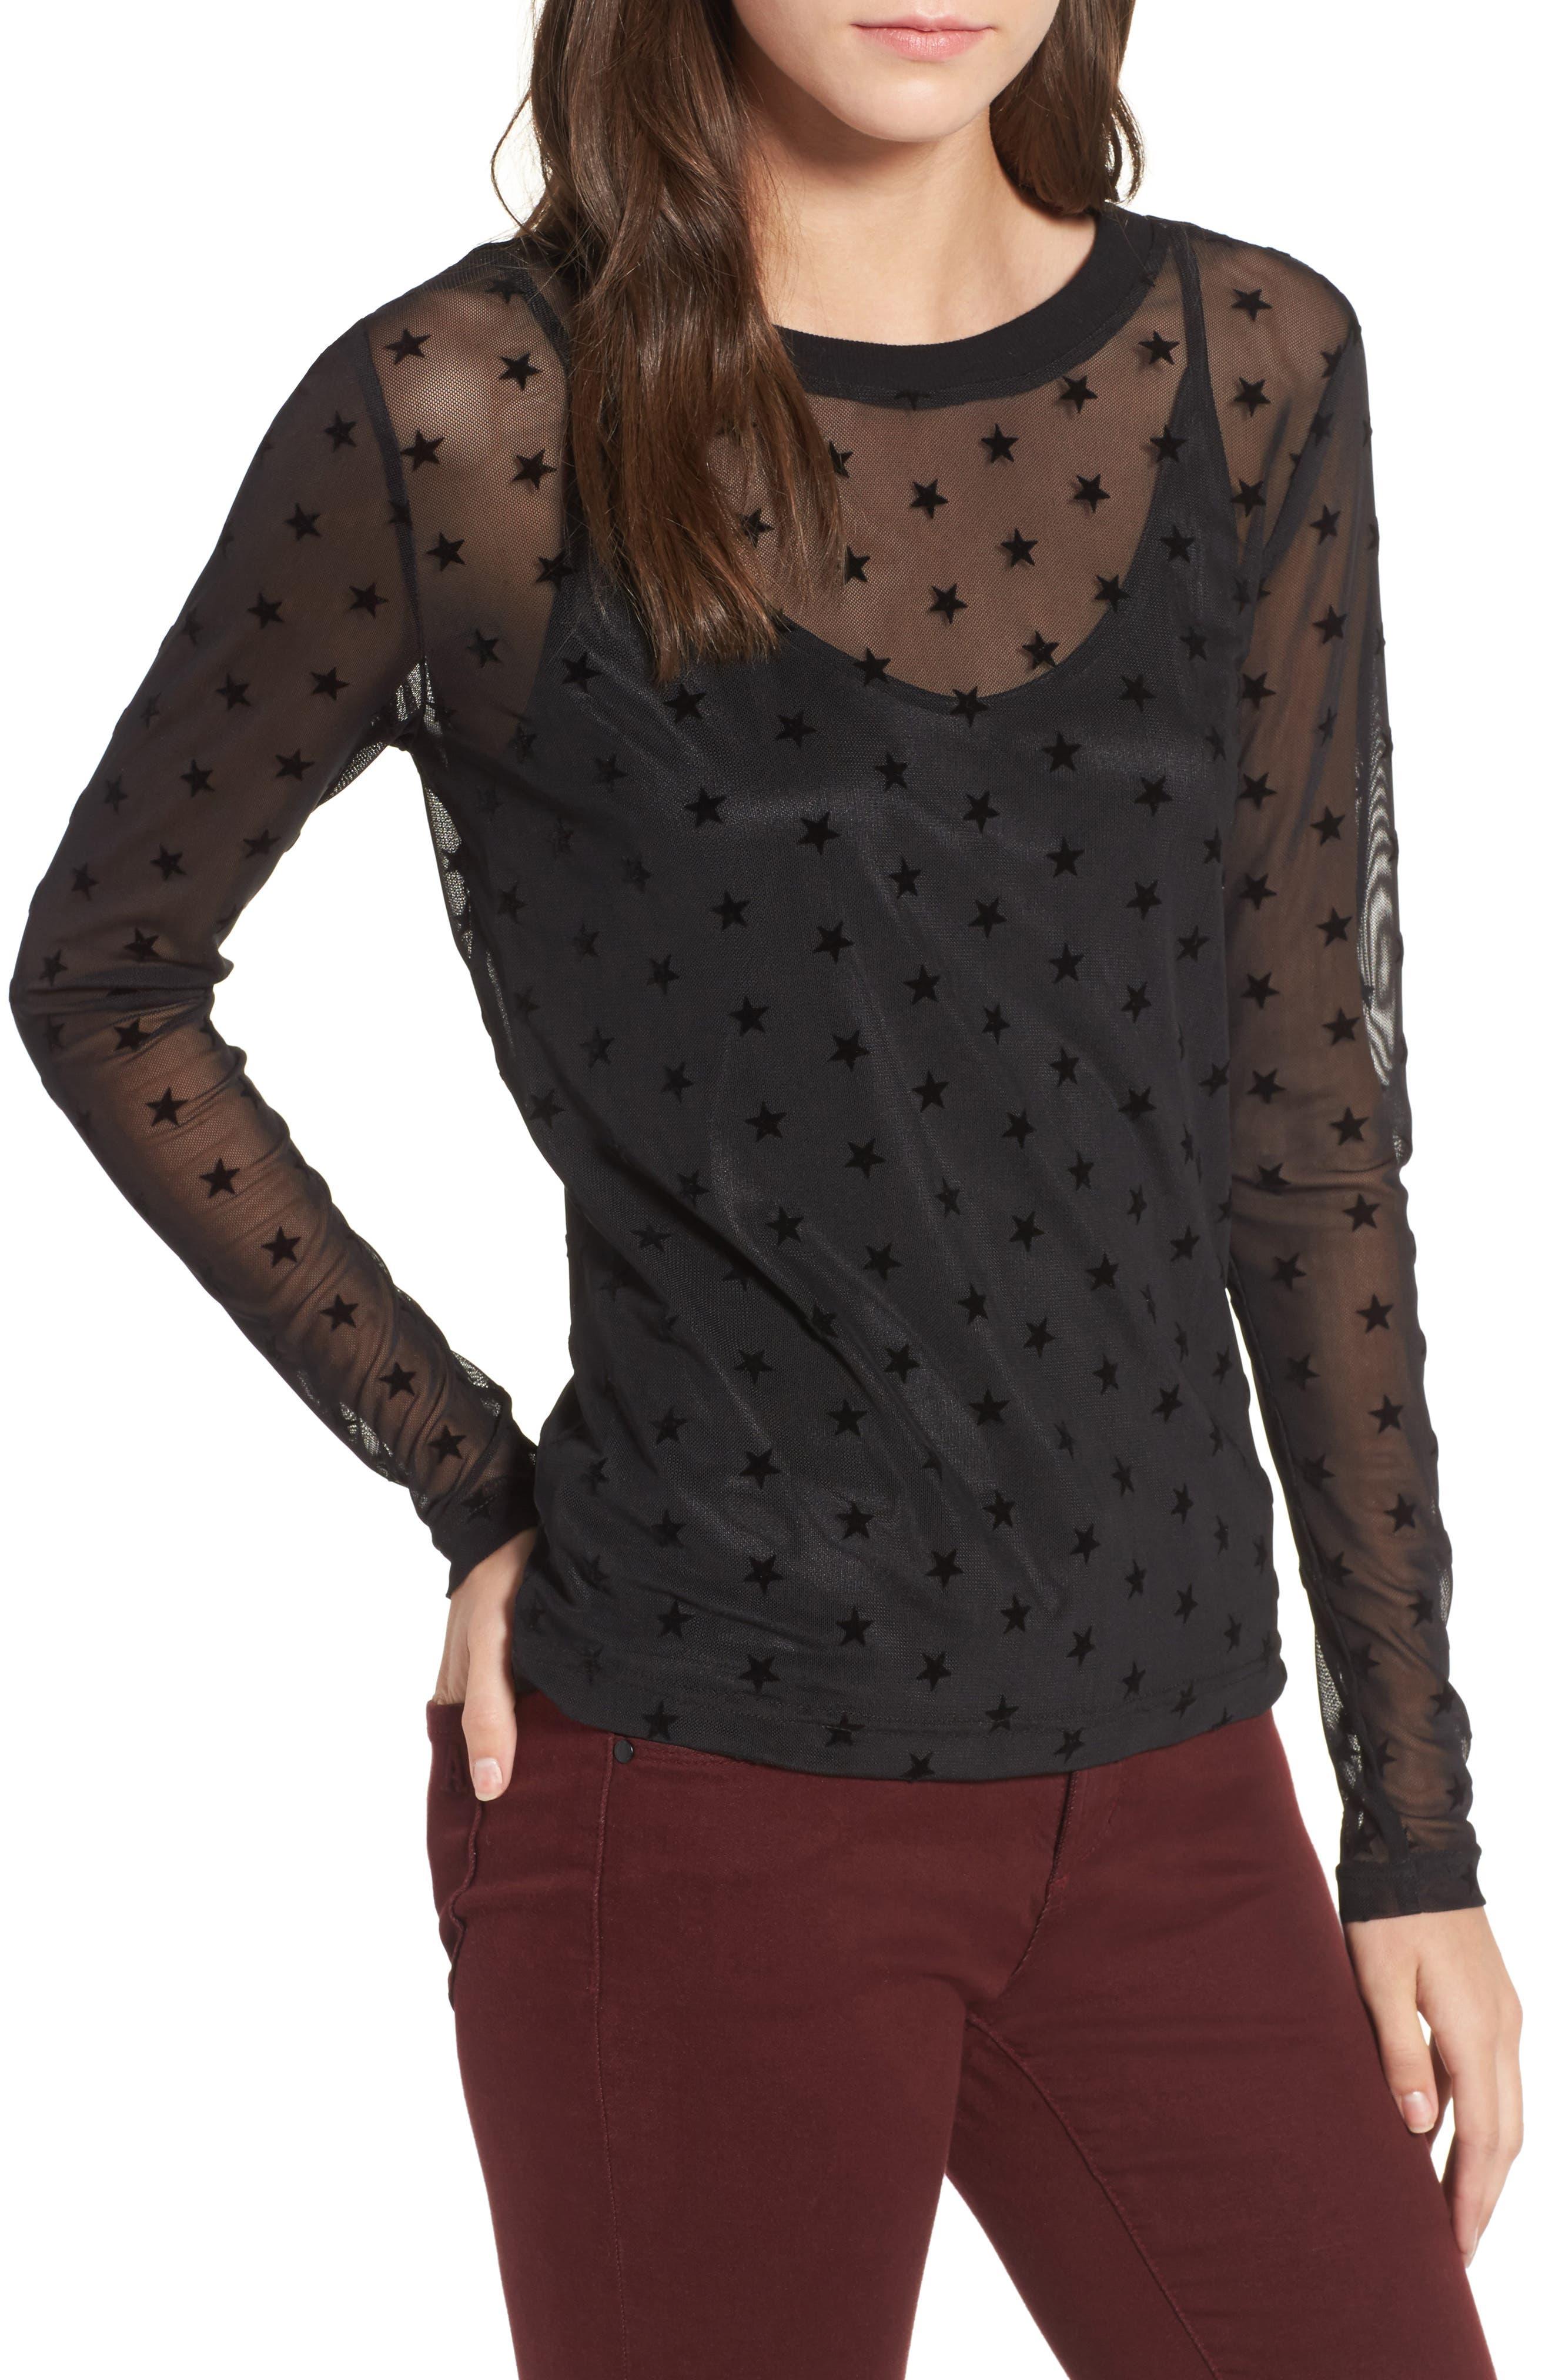 Main Image - Elodie Star Mesh Top